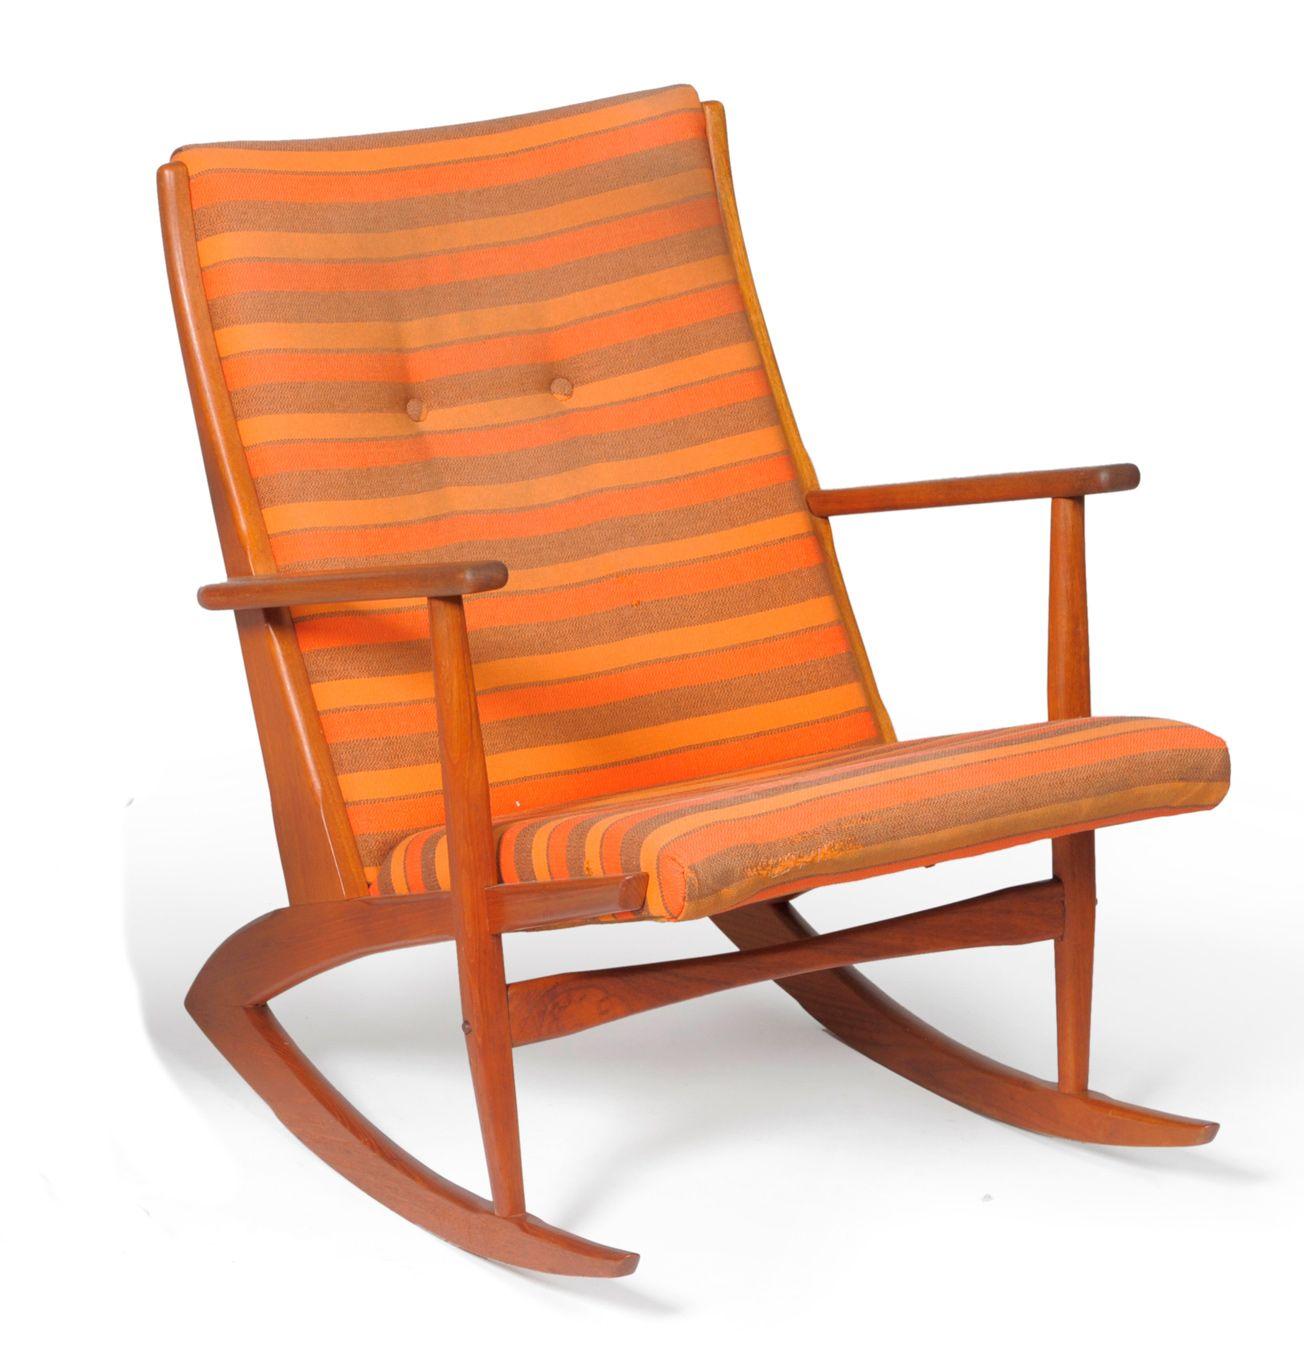 Amazing Kubus Teak Rocking Chair By Soren Georg Jensen Unemploymentrelief Wooden Chair Designs For Living Room Unemploymentrelieforg